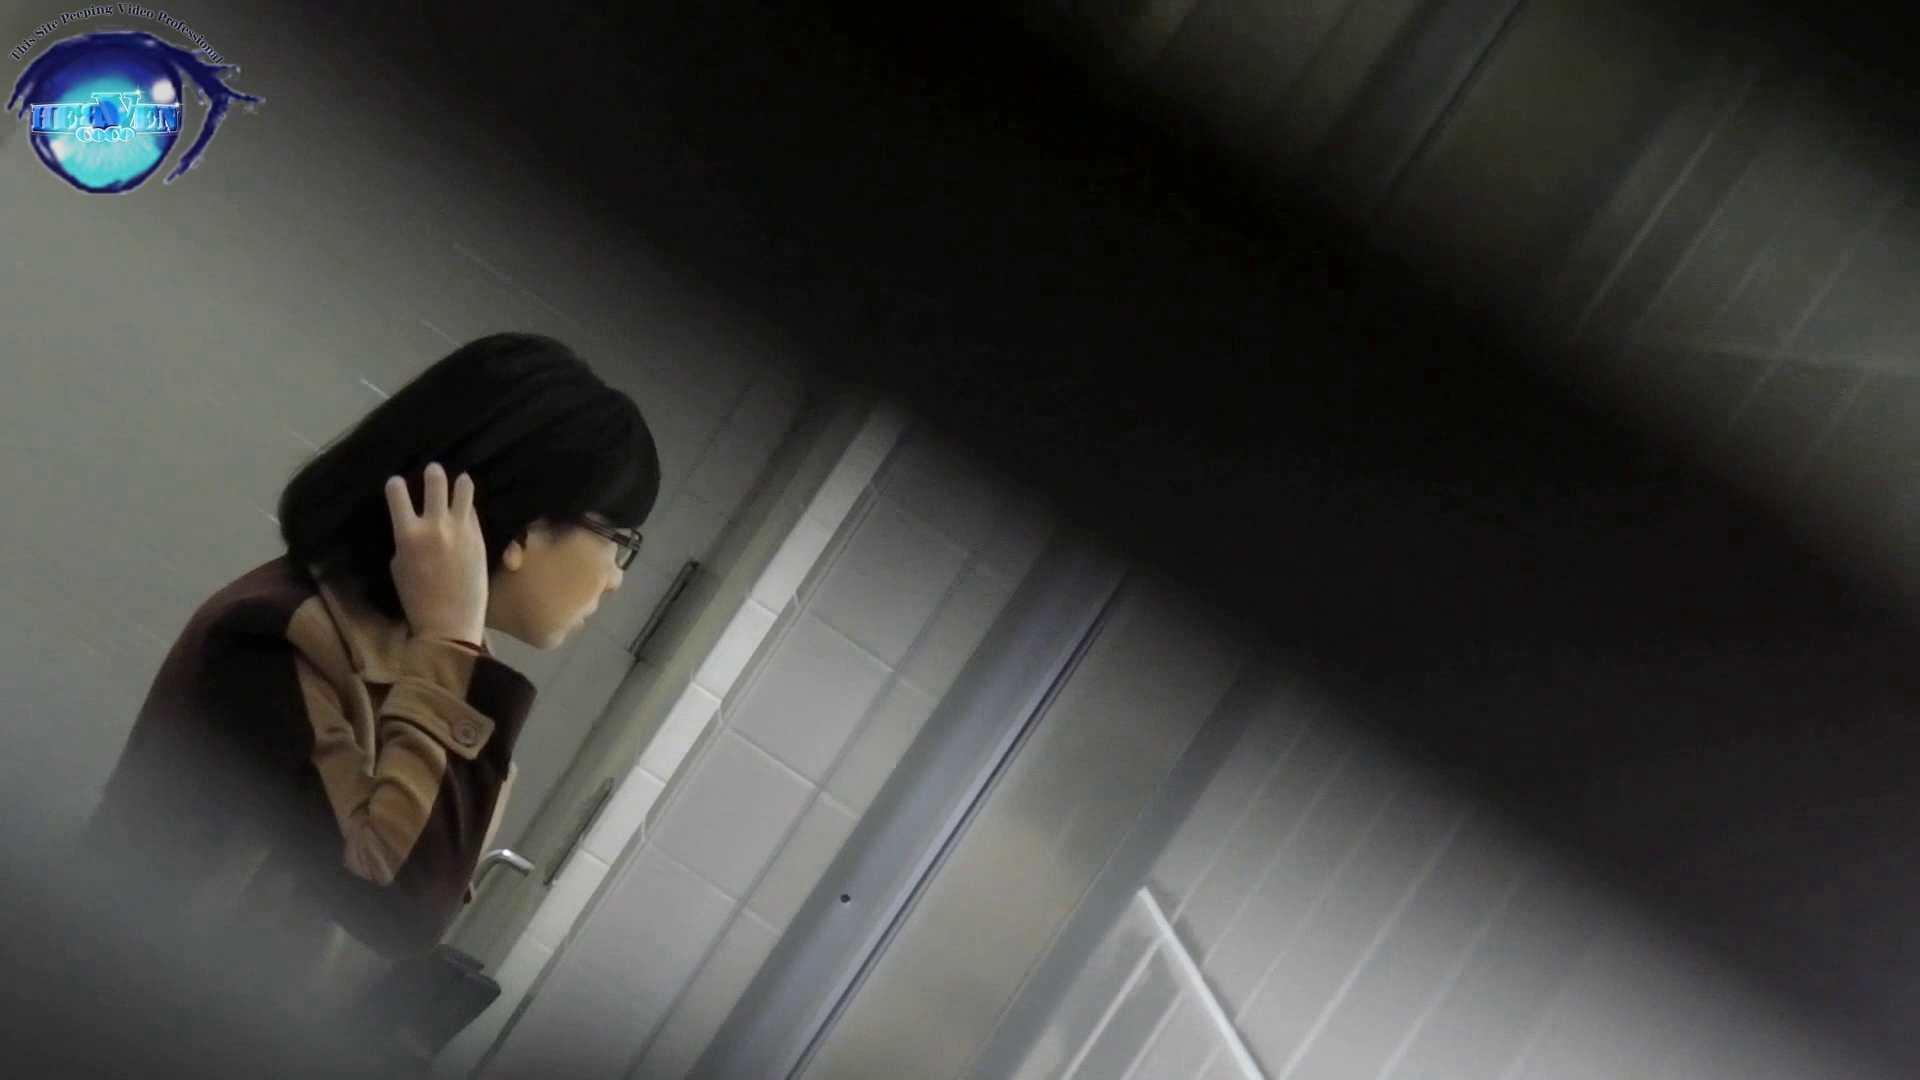 お銀さん vol.59 ピンチ!!「鏡の前で祈る女性」にばれる危機 前編 HなOL ヌード画像 96pic 23